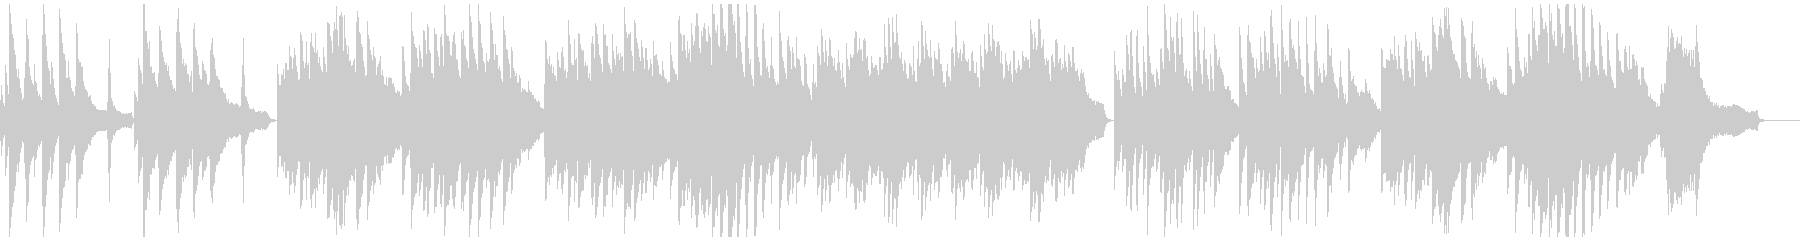 劇的ビフォーアフターのオマージュ・ピアノの未再生の波形